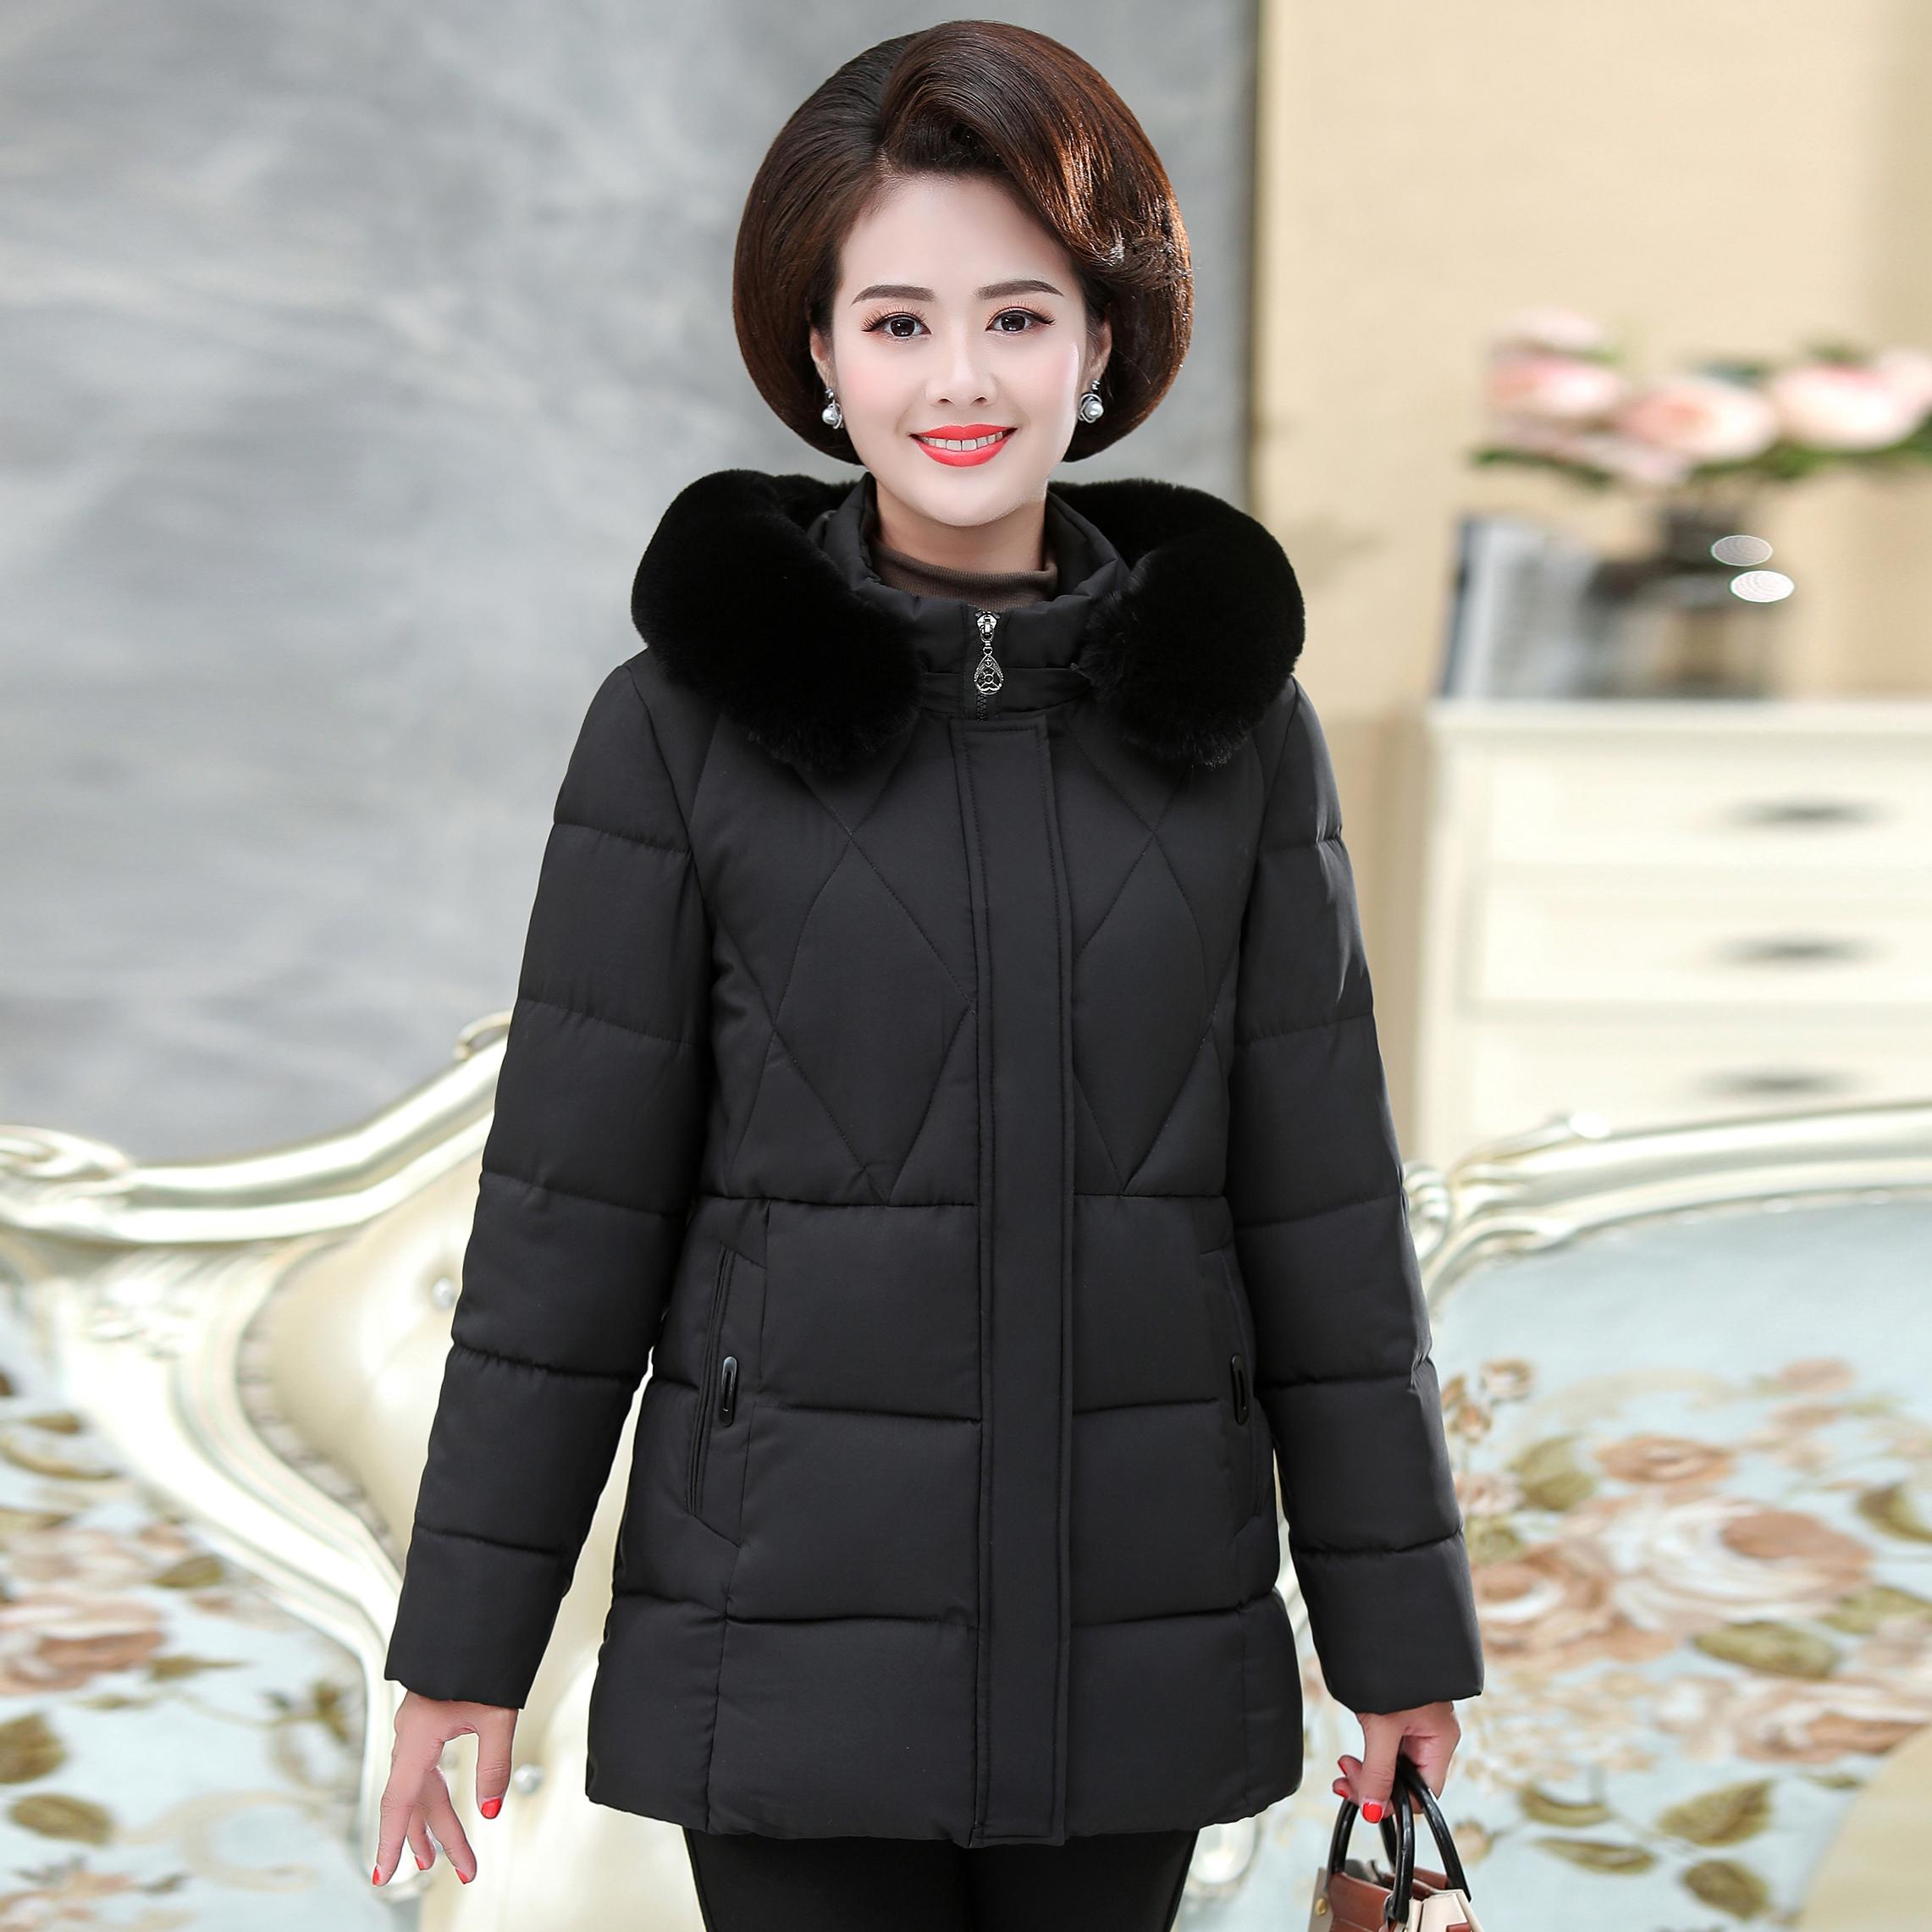 妈妈冬装外套中老年女装棉衣2019新款老人女羽绒棉服加厚奶奶棉袄